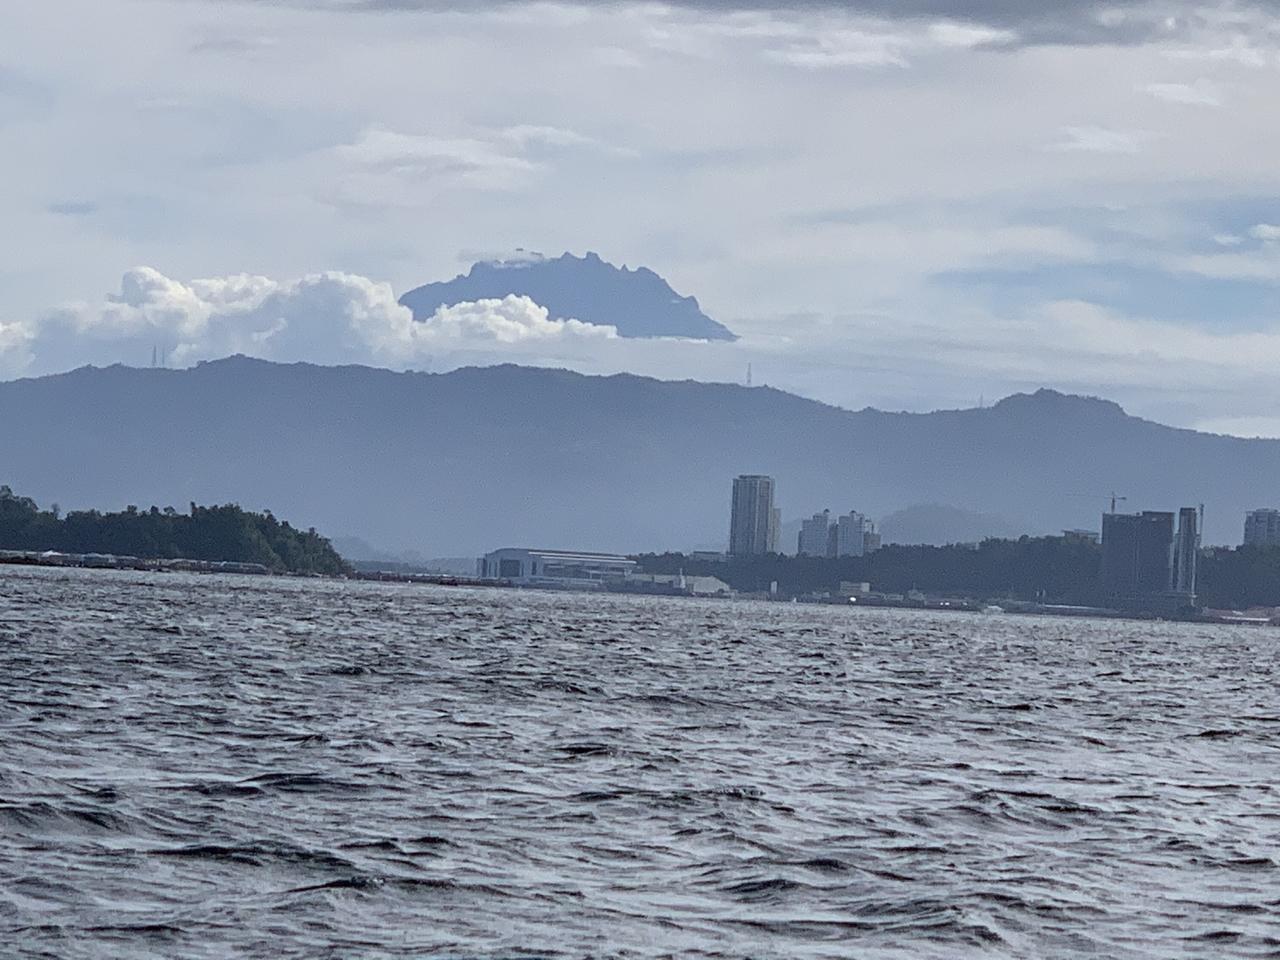 家内の希望で何十年振りかで海に入ることにしましたが,予想外に楽しめました.海の中の写真を上手に撮るツールや方法をもう少し研究して,また島に行ってみたいと話しています. この日は珍しくハーバーと島との移動中にキナバル山の頂上付近が見えました.